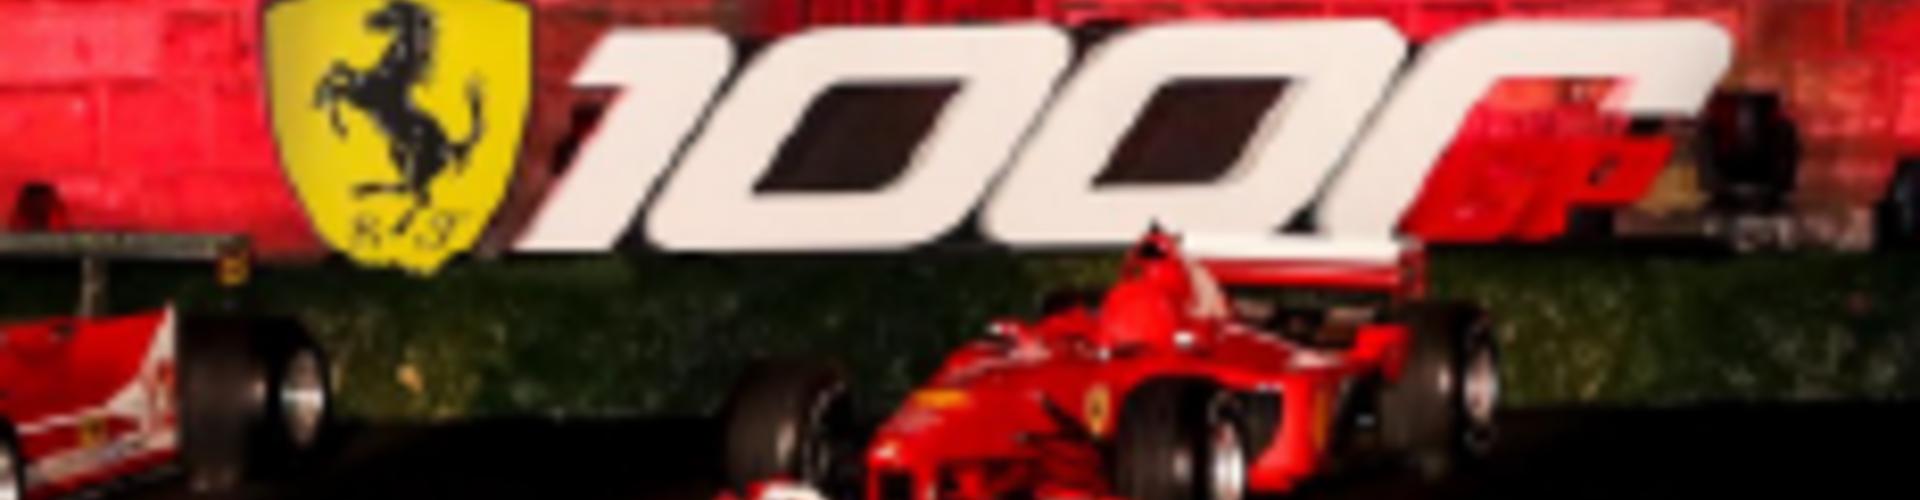 Eerste F1-podium voor Alexander Albon in Italië!